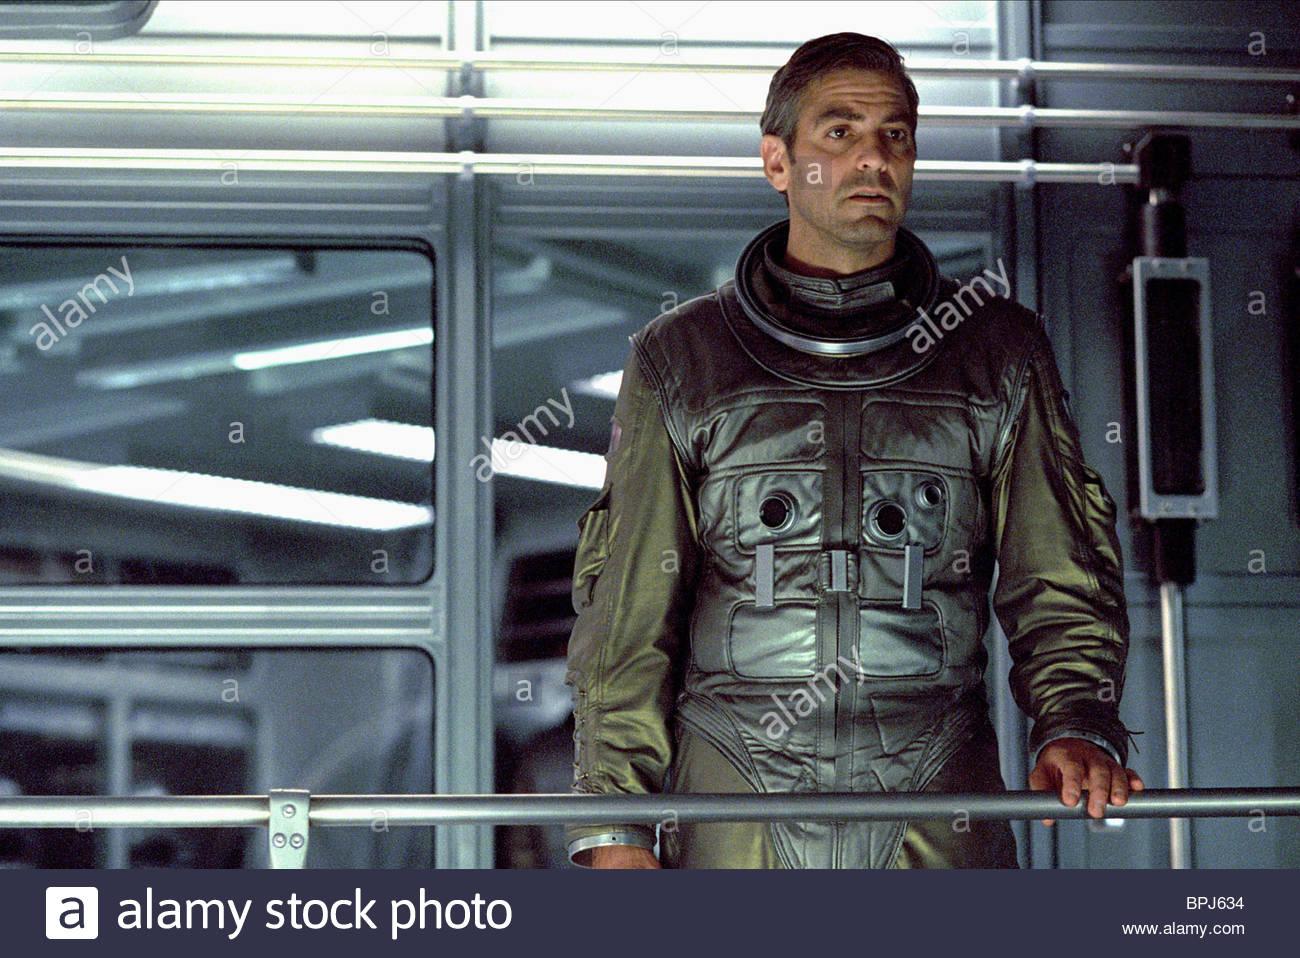 GEORGE CLOONEY SOLARIS 2002 Stock Photo 31132728   Alamy 1300x958